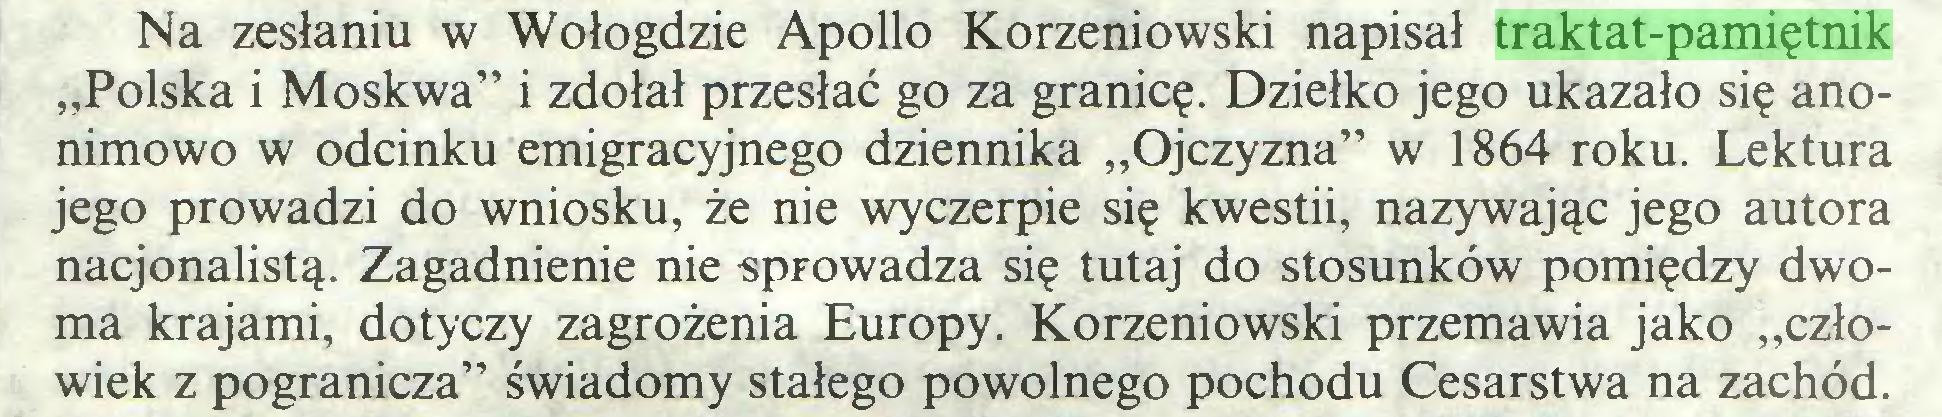 """(...) Na zesłaniu w Wołogdzie Apollo Korzeniowski napisał traktat-pamiętnik """"Polska i Moskwa"""" i zdołał przesłać go za granicę. Dziełko jego ukazało się anonimowo w odcinku emigracyjnego dziennika """"Ojczyzna"""" w 1864 roku. Lektura jego prowadzi do wniosku, że nie wyczerpie się kwestii, nazywając jego autora nacjonalistą. Zagadnienie nie sprowadza się tutaj do stosunków pomiędzy dwoma krajami, dotyczy zagrożenia Europy. Korzeniowski przemawia jako """"człowiek z pogranicza"""" świadomy stałego powolnego pochodu Cesarstwa na zachód..."""